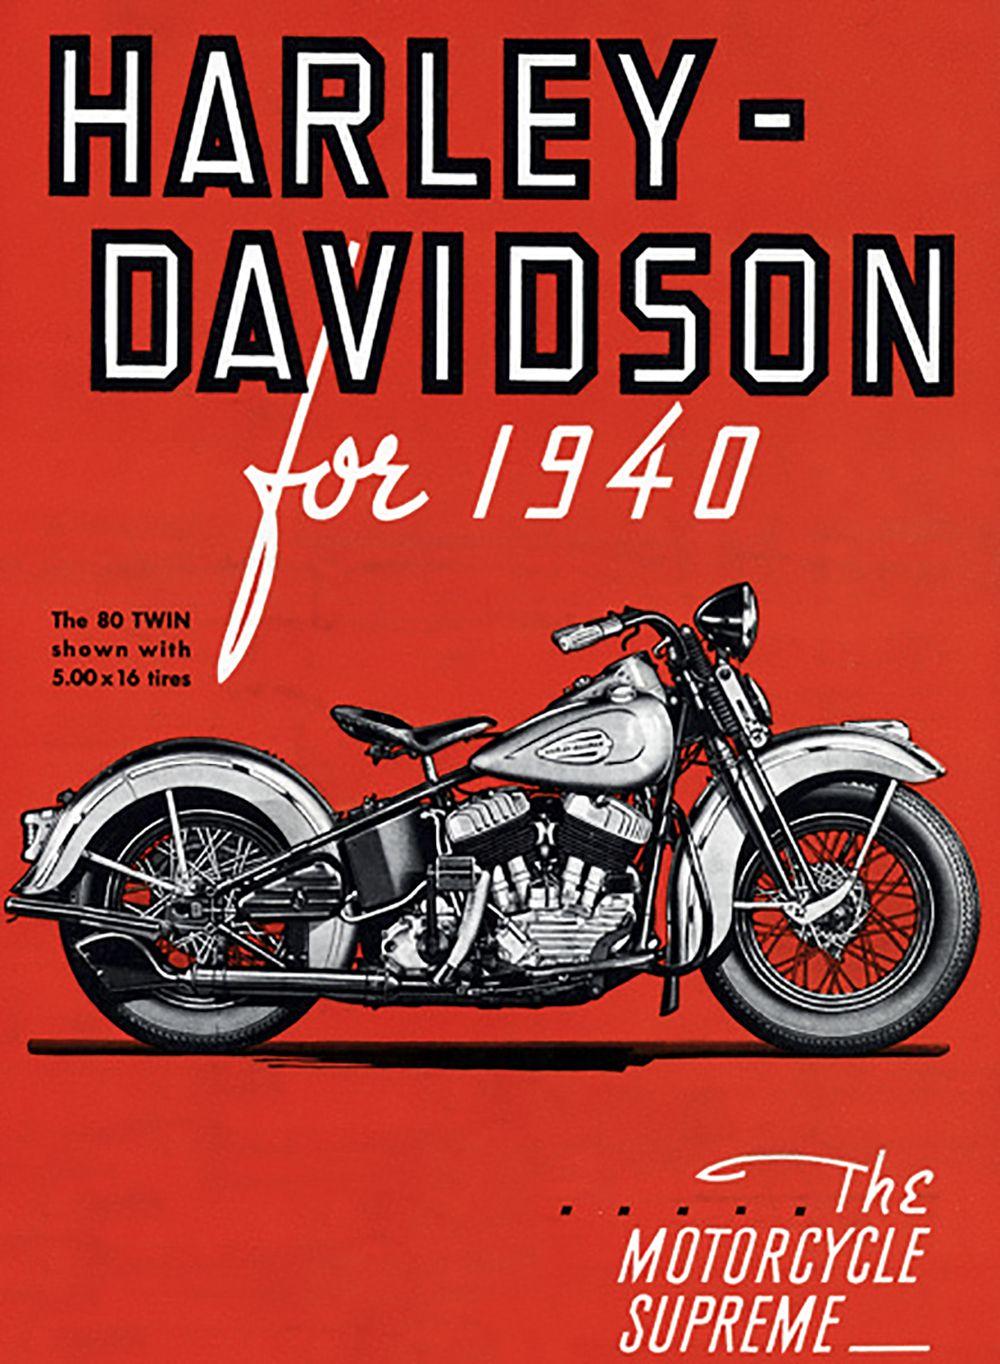 HARLEY DAVIDSON 1940 The MOTORCYCLE SUPREME Oldtimer